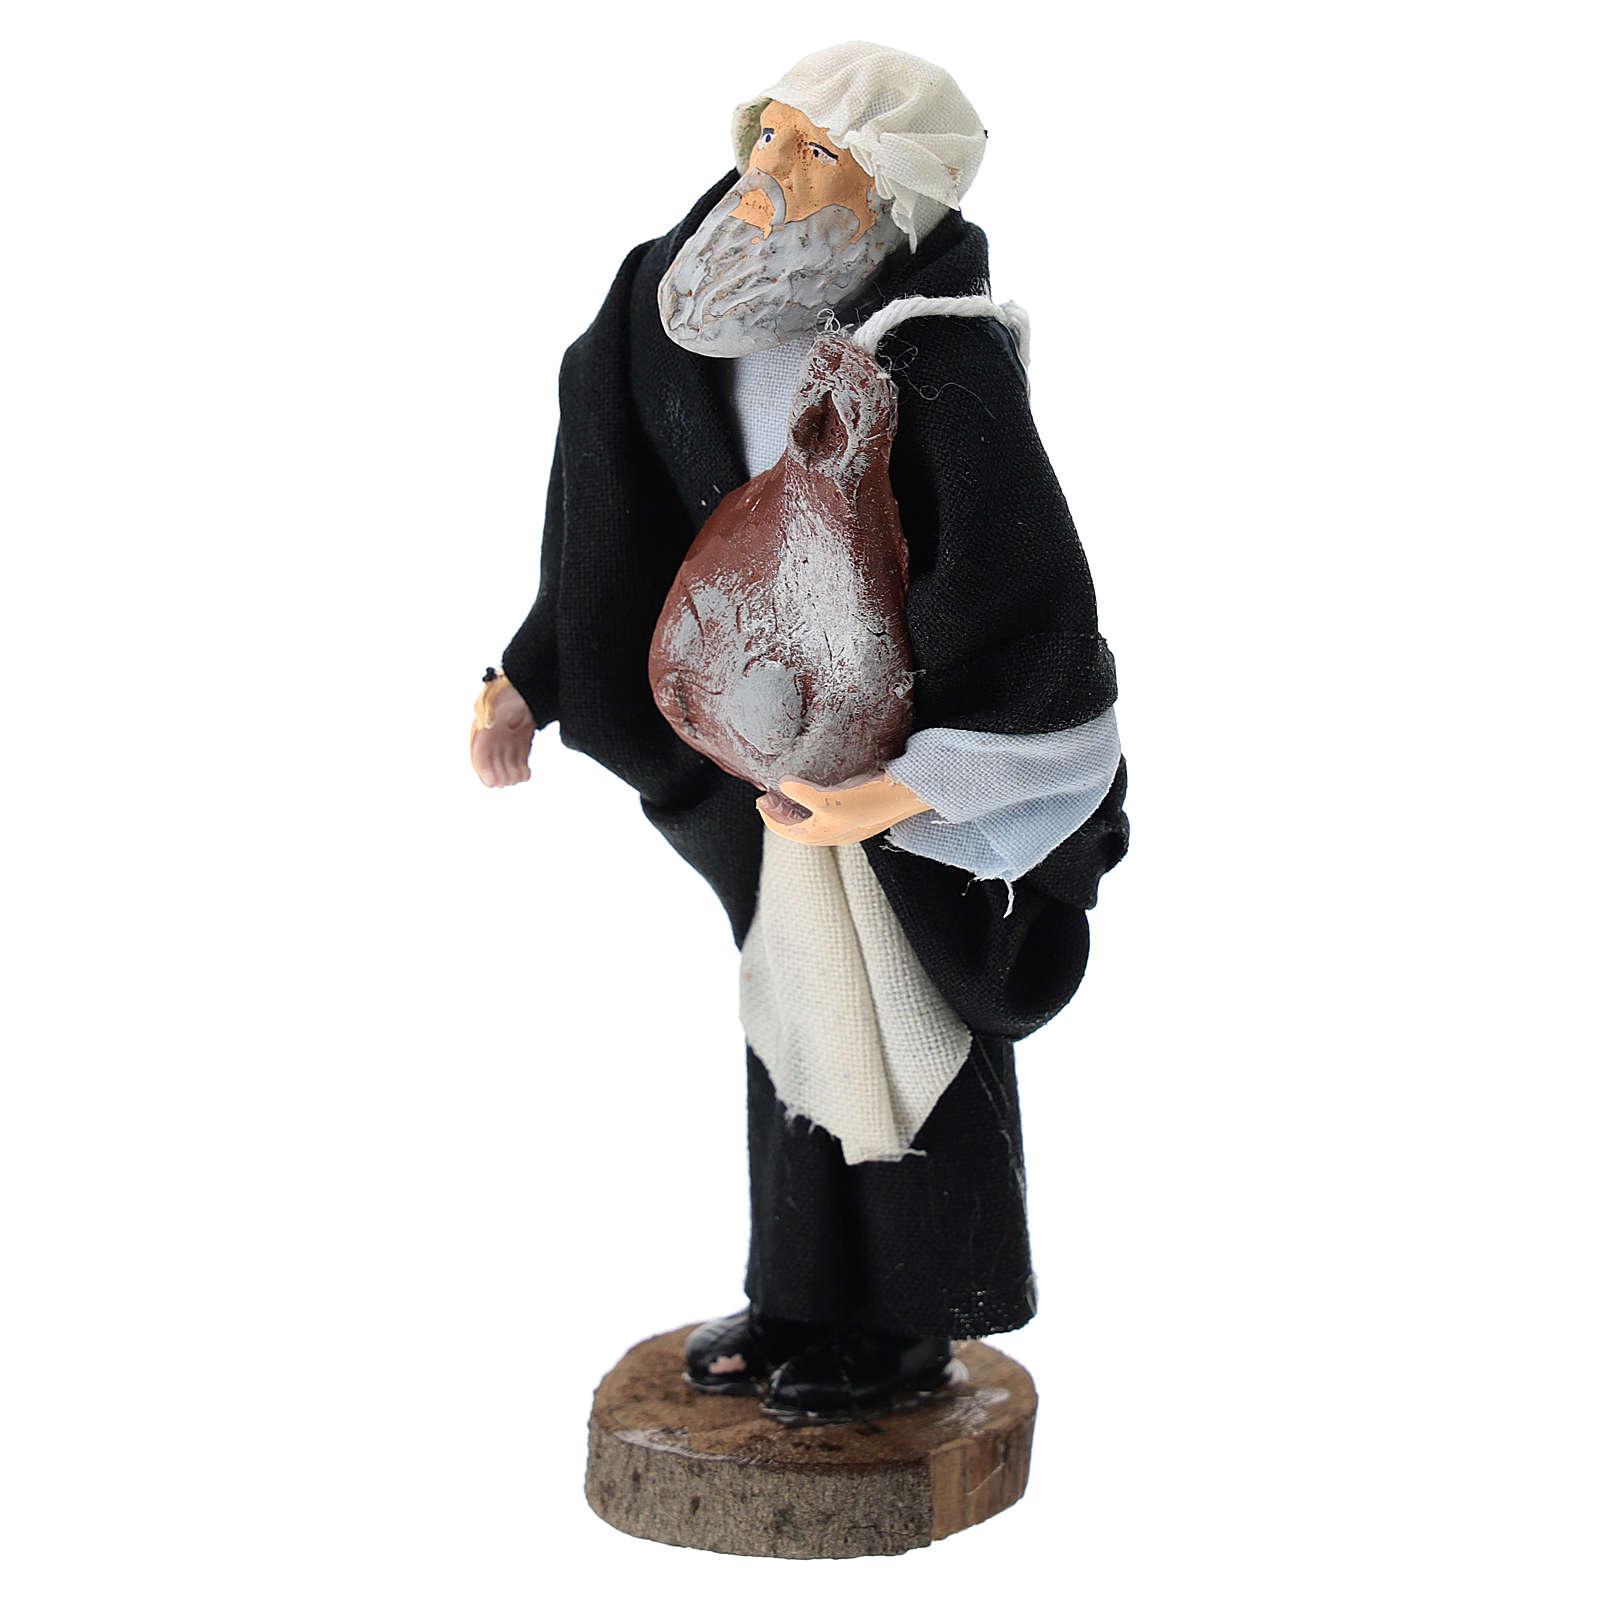 Pastore con prosciutto terracotta e plastica presepe 12 cm 3